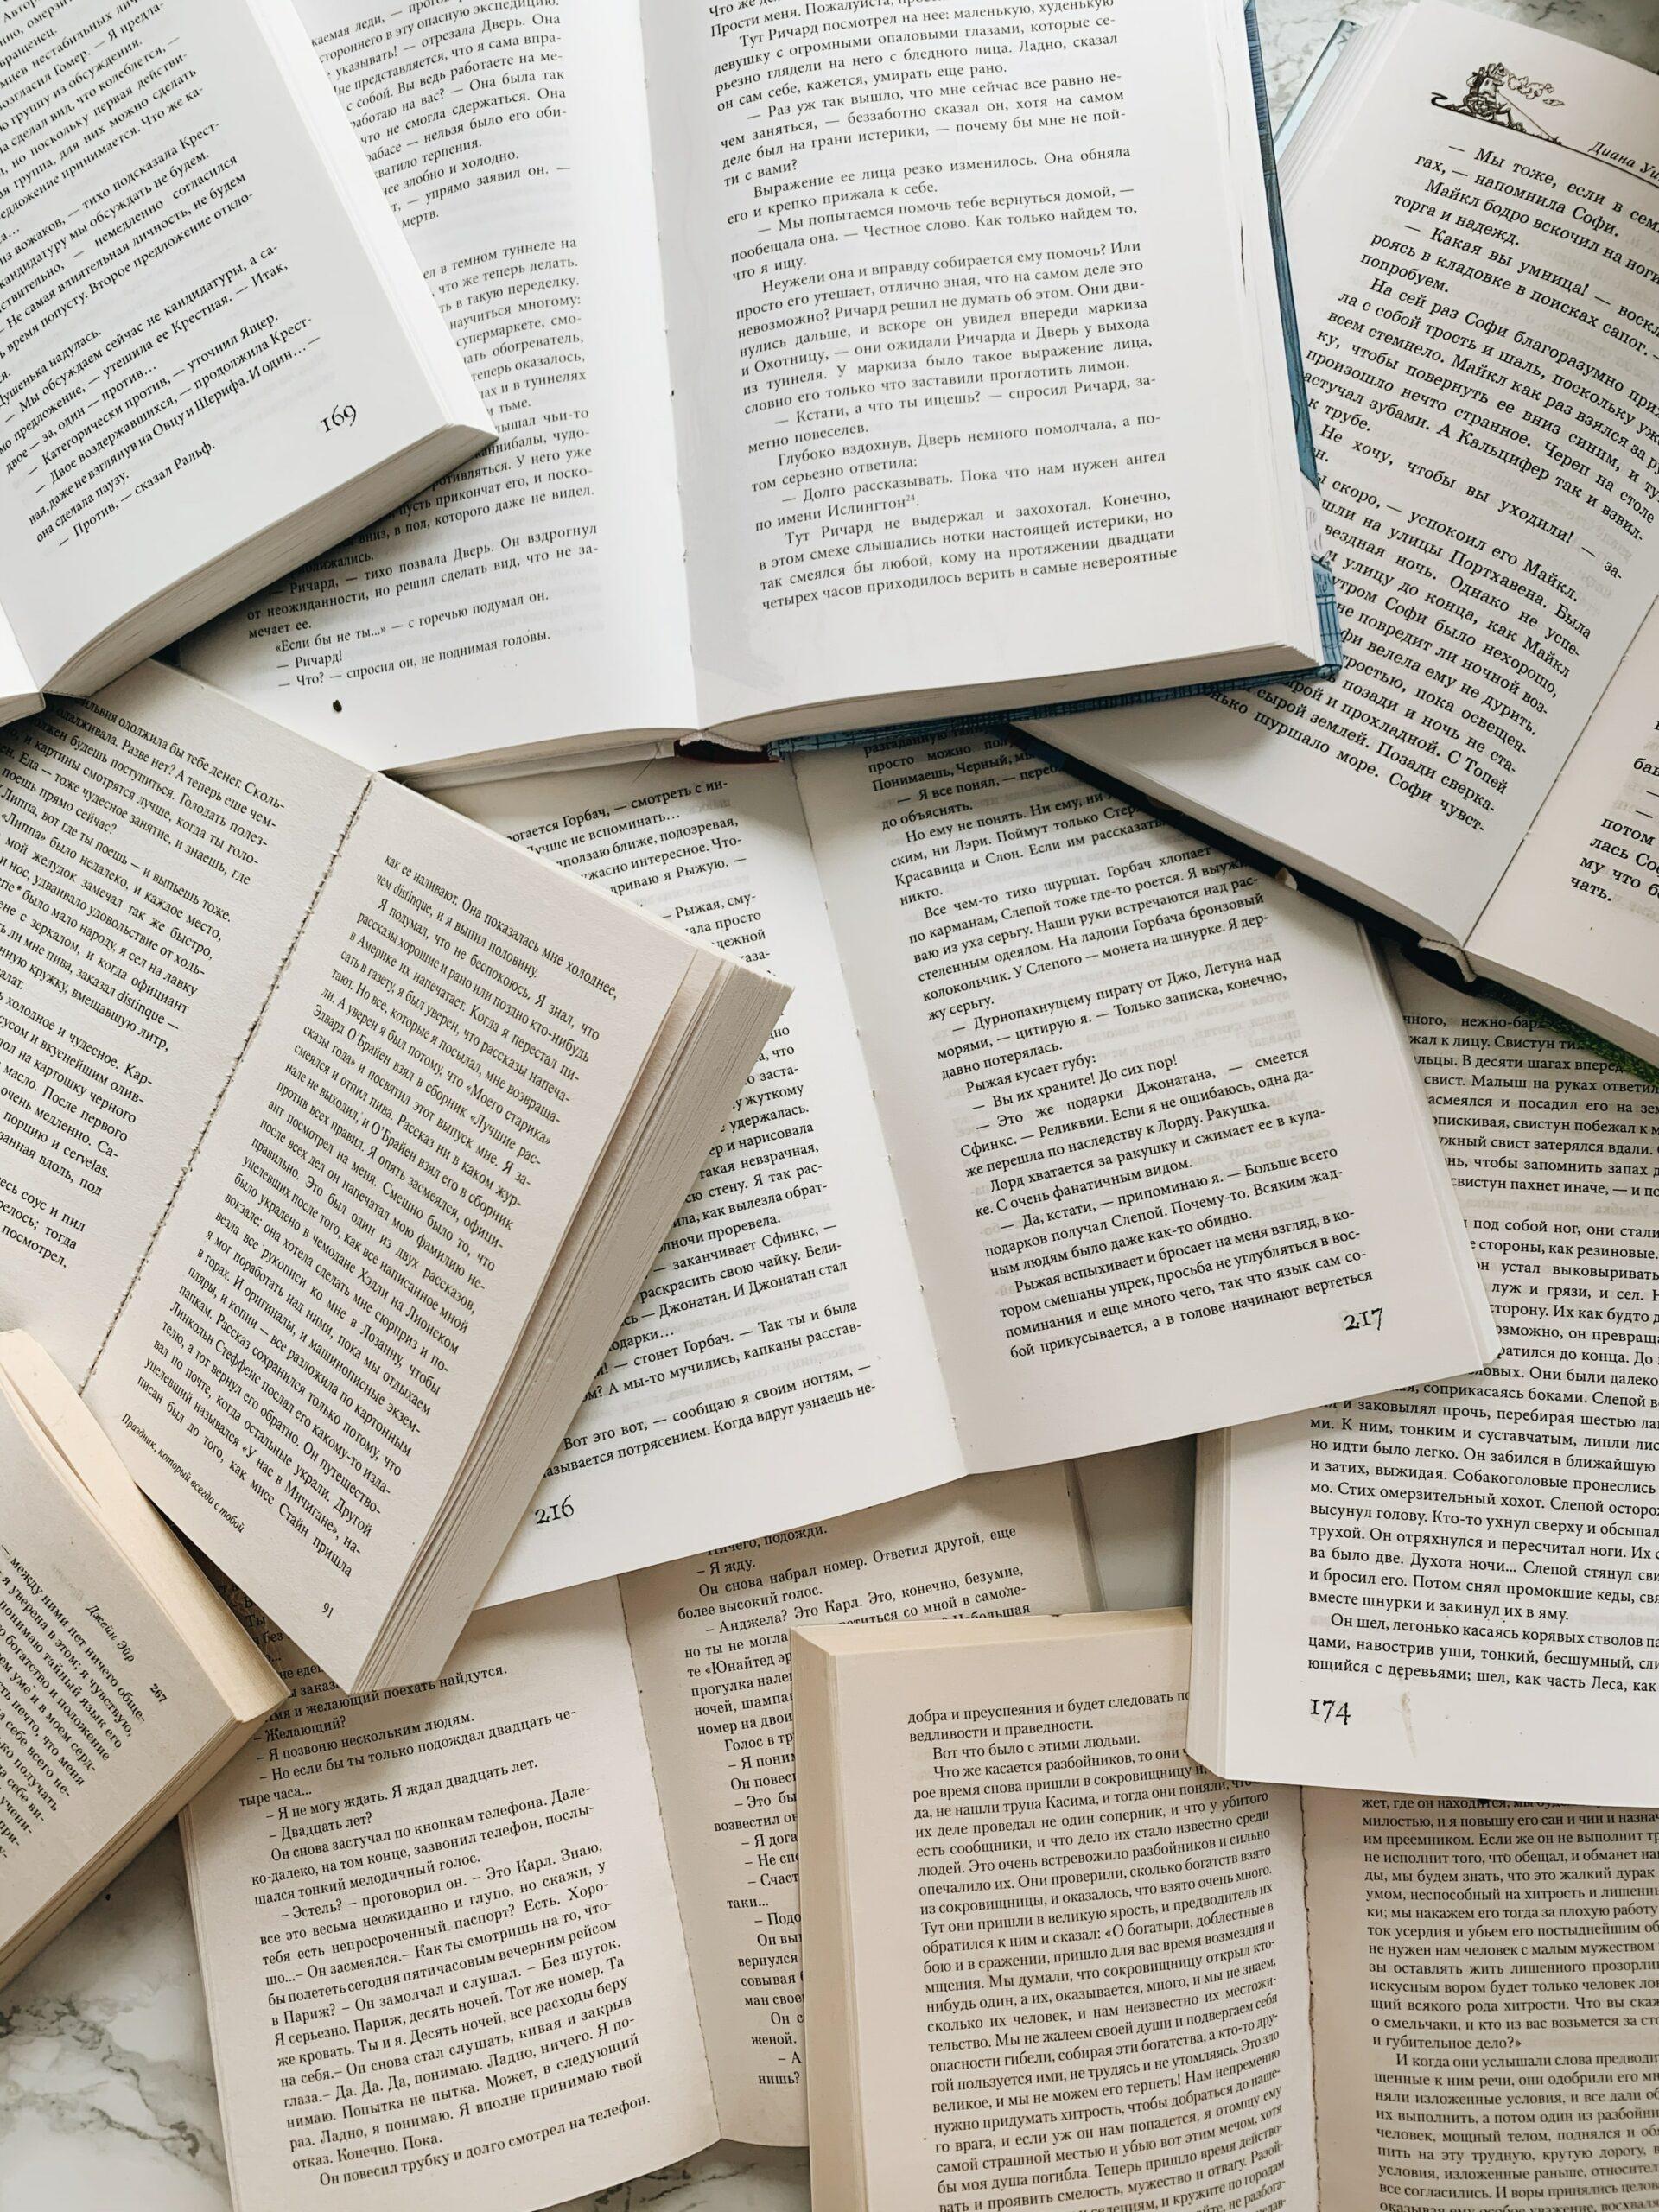 Einer der google-ranking-faktoren, der besonders wichtig ist - professionelle Texterstellung